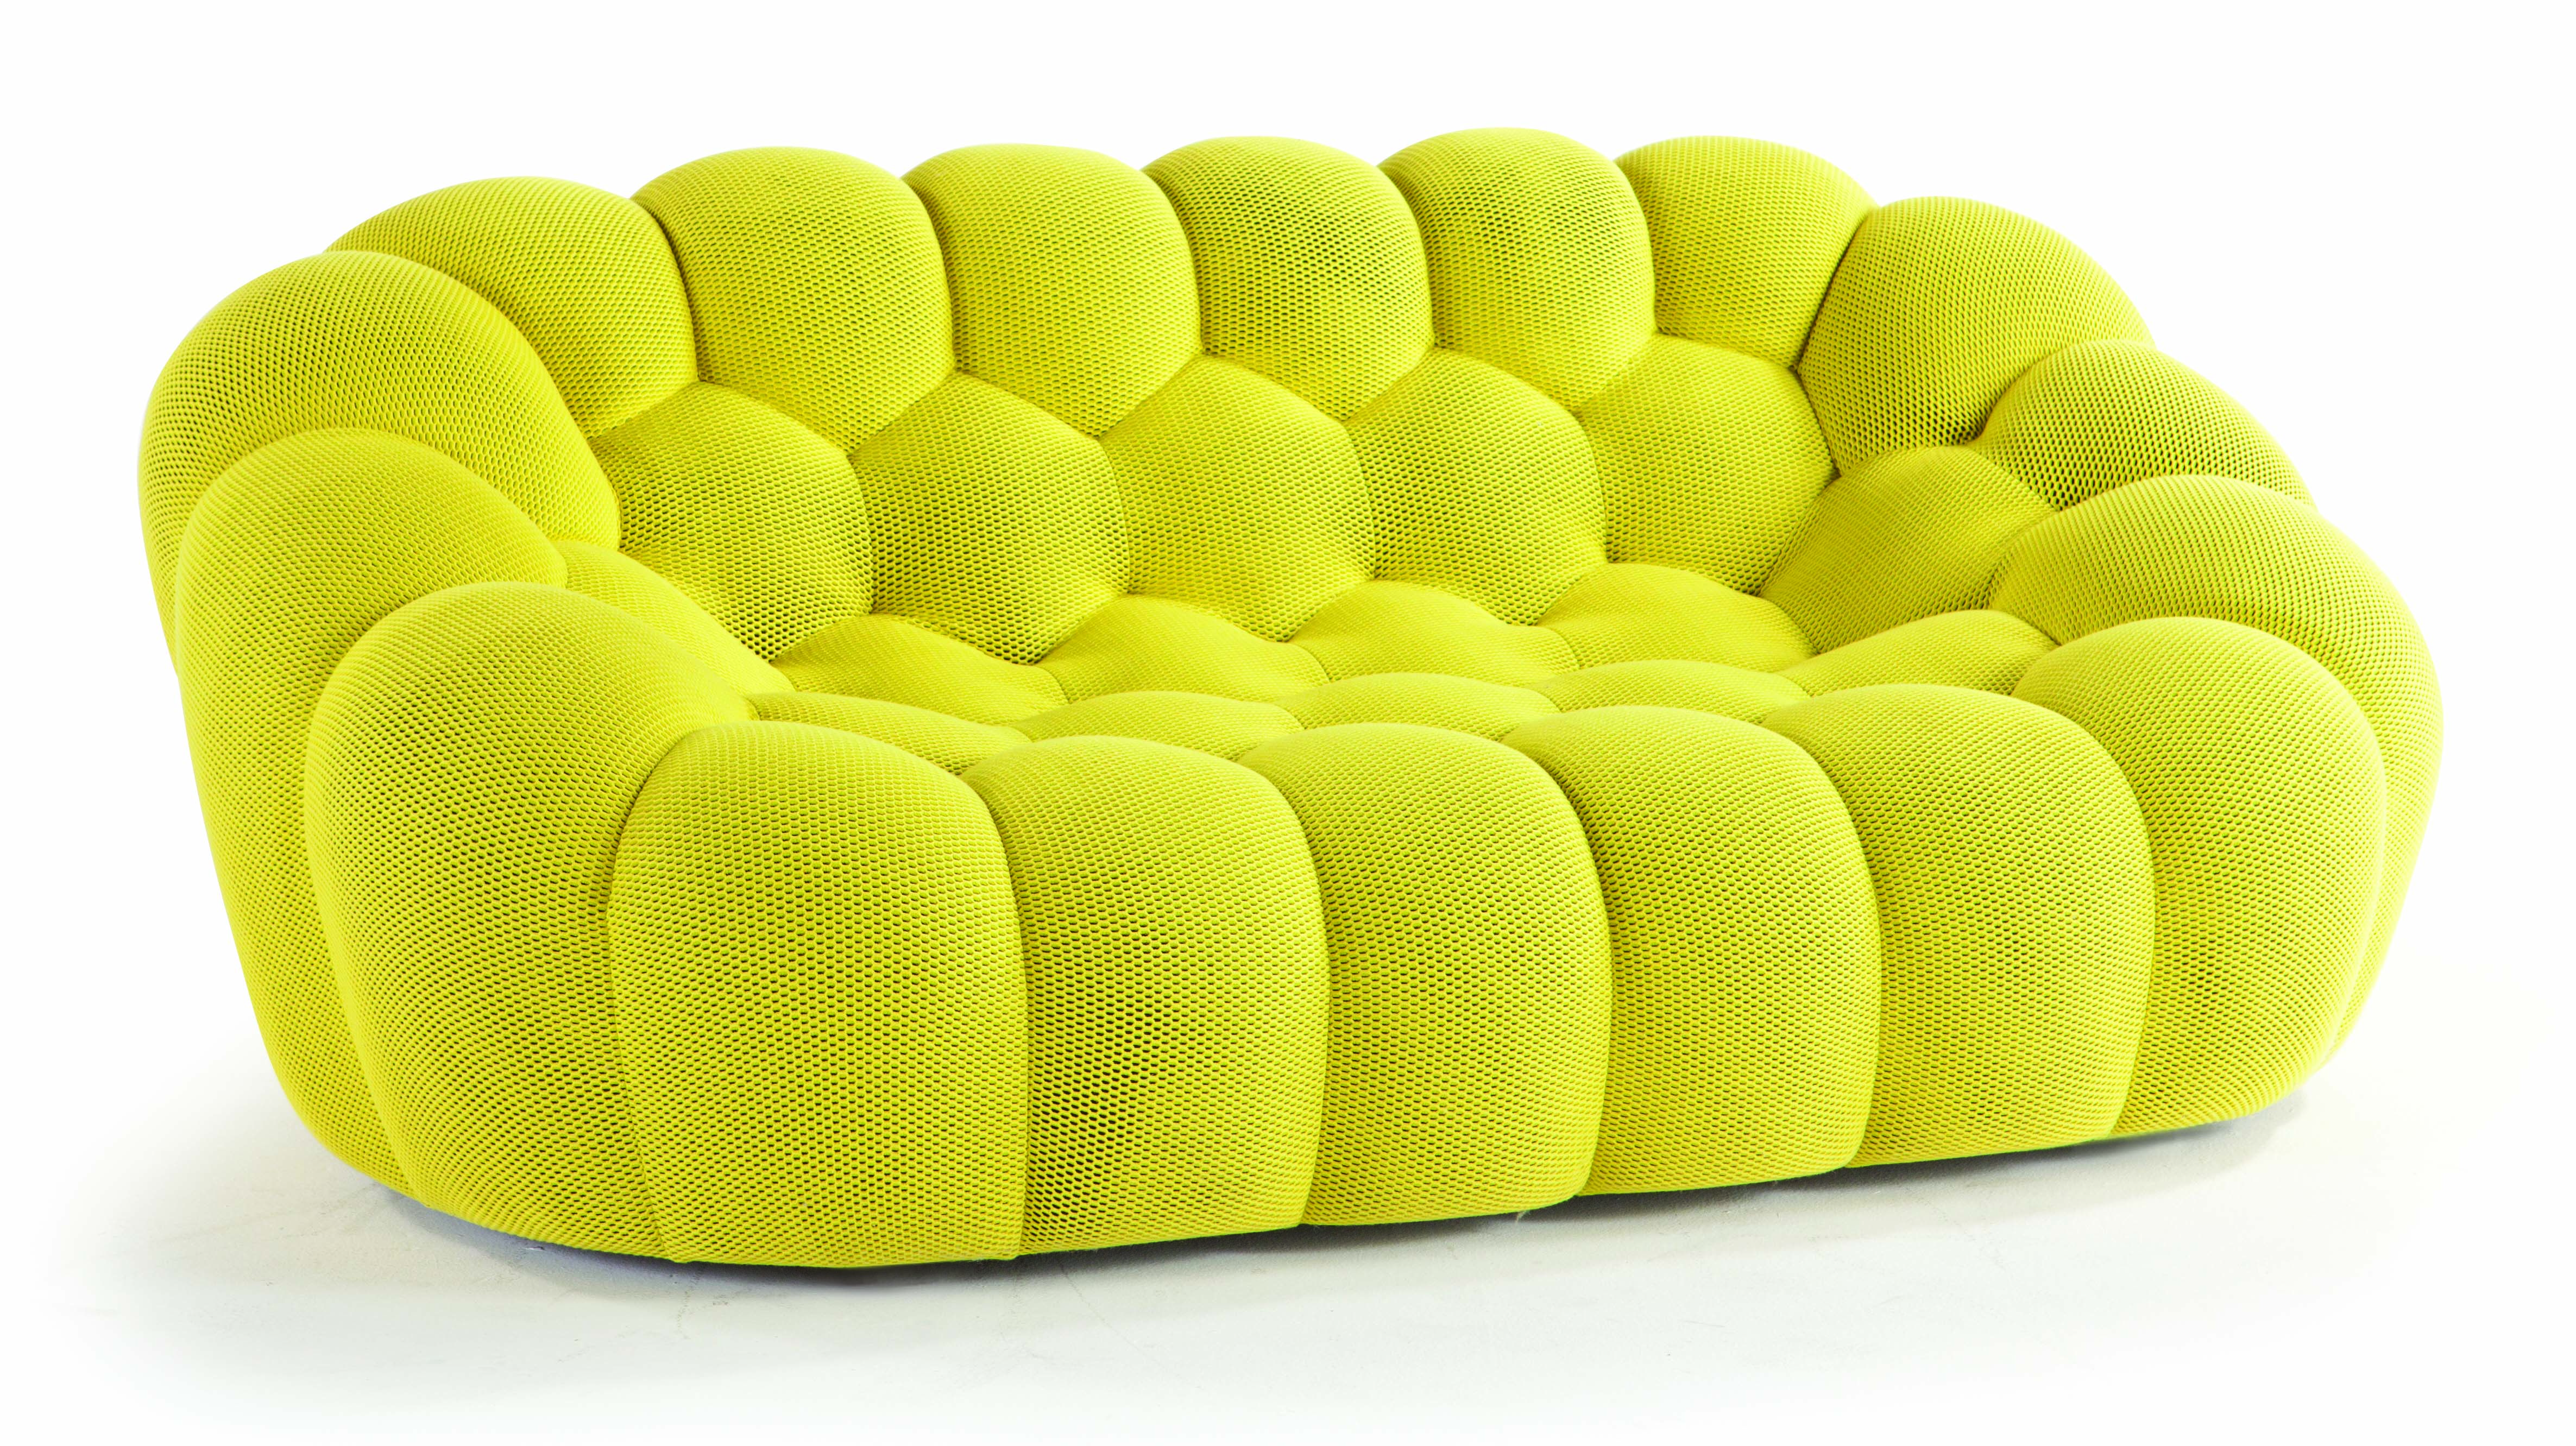 Roche Bobois Bubble Sofa Designed By Sacha Lakic Manufactured In Europe Rochebobois Frenchartdevivre Dream Furniture Sofa Sofa Design